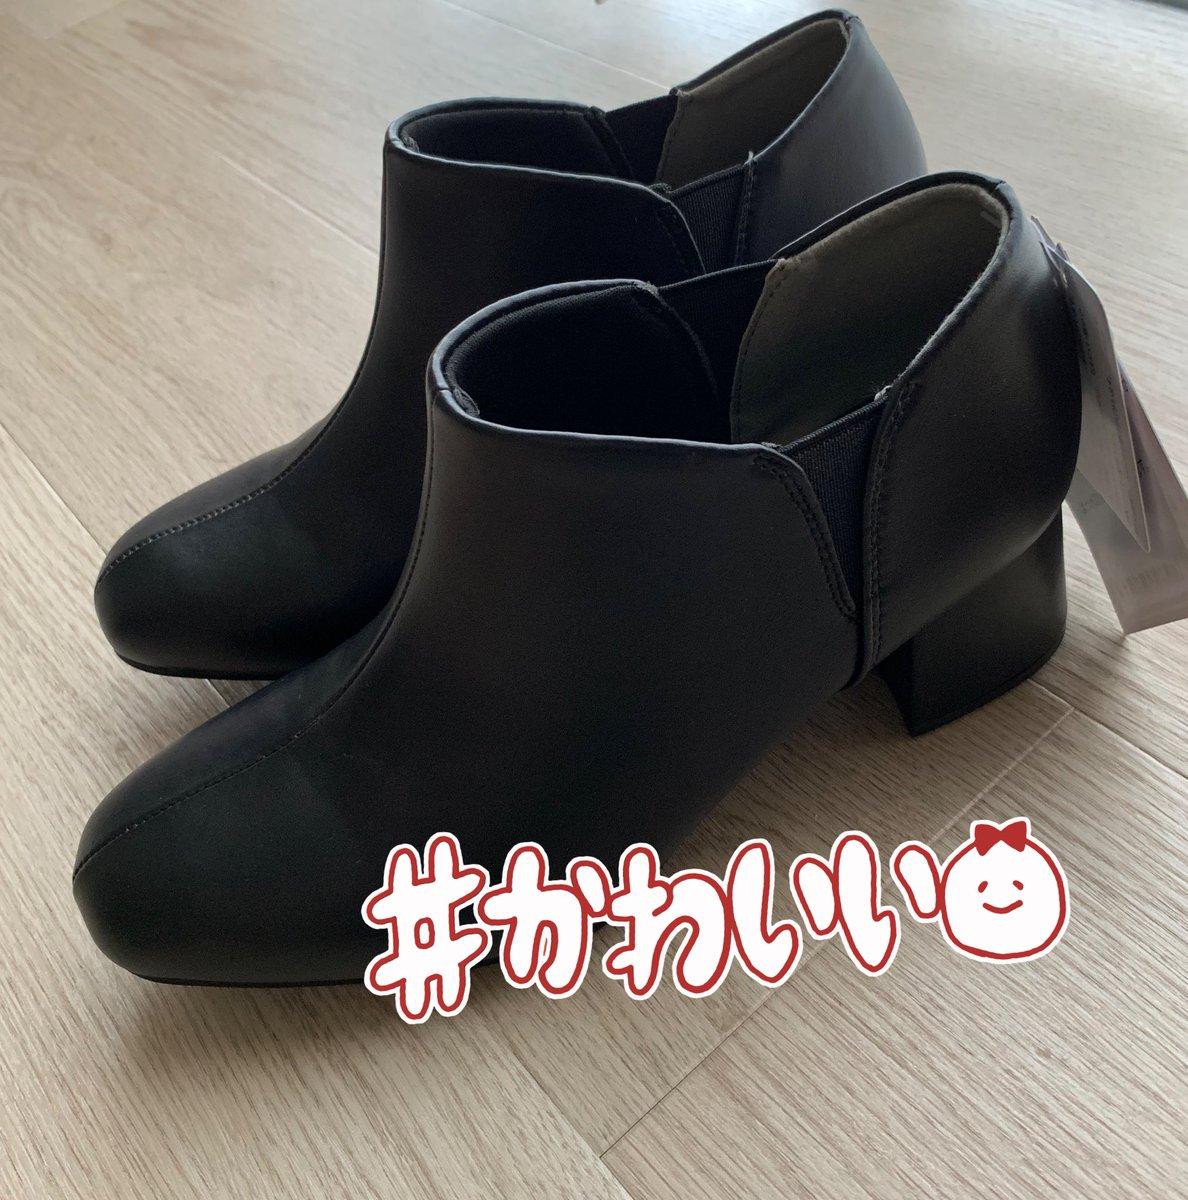 MUMUさんのコラボでブーディも買えたっ!早く履きたいっブラウンもかわいかったけど、欲しいサイズが売り切れてた😢😢#しまパト#MUMU#しまむら